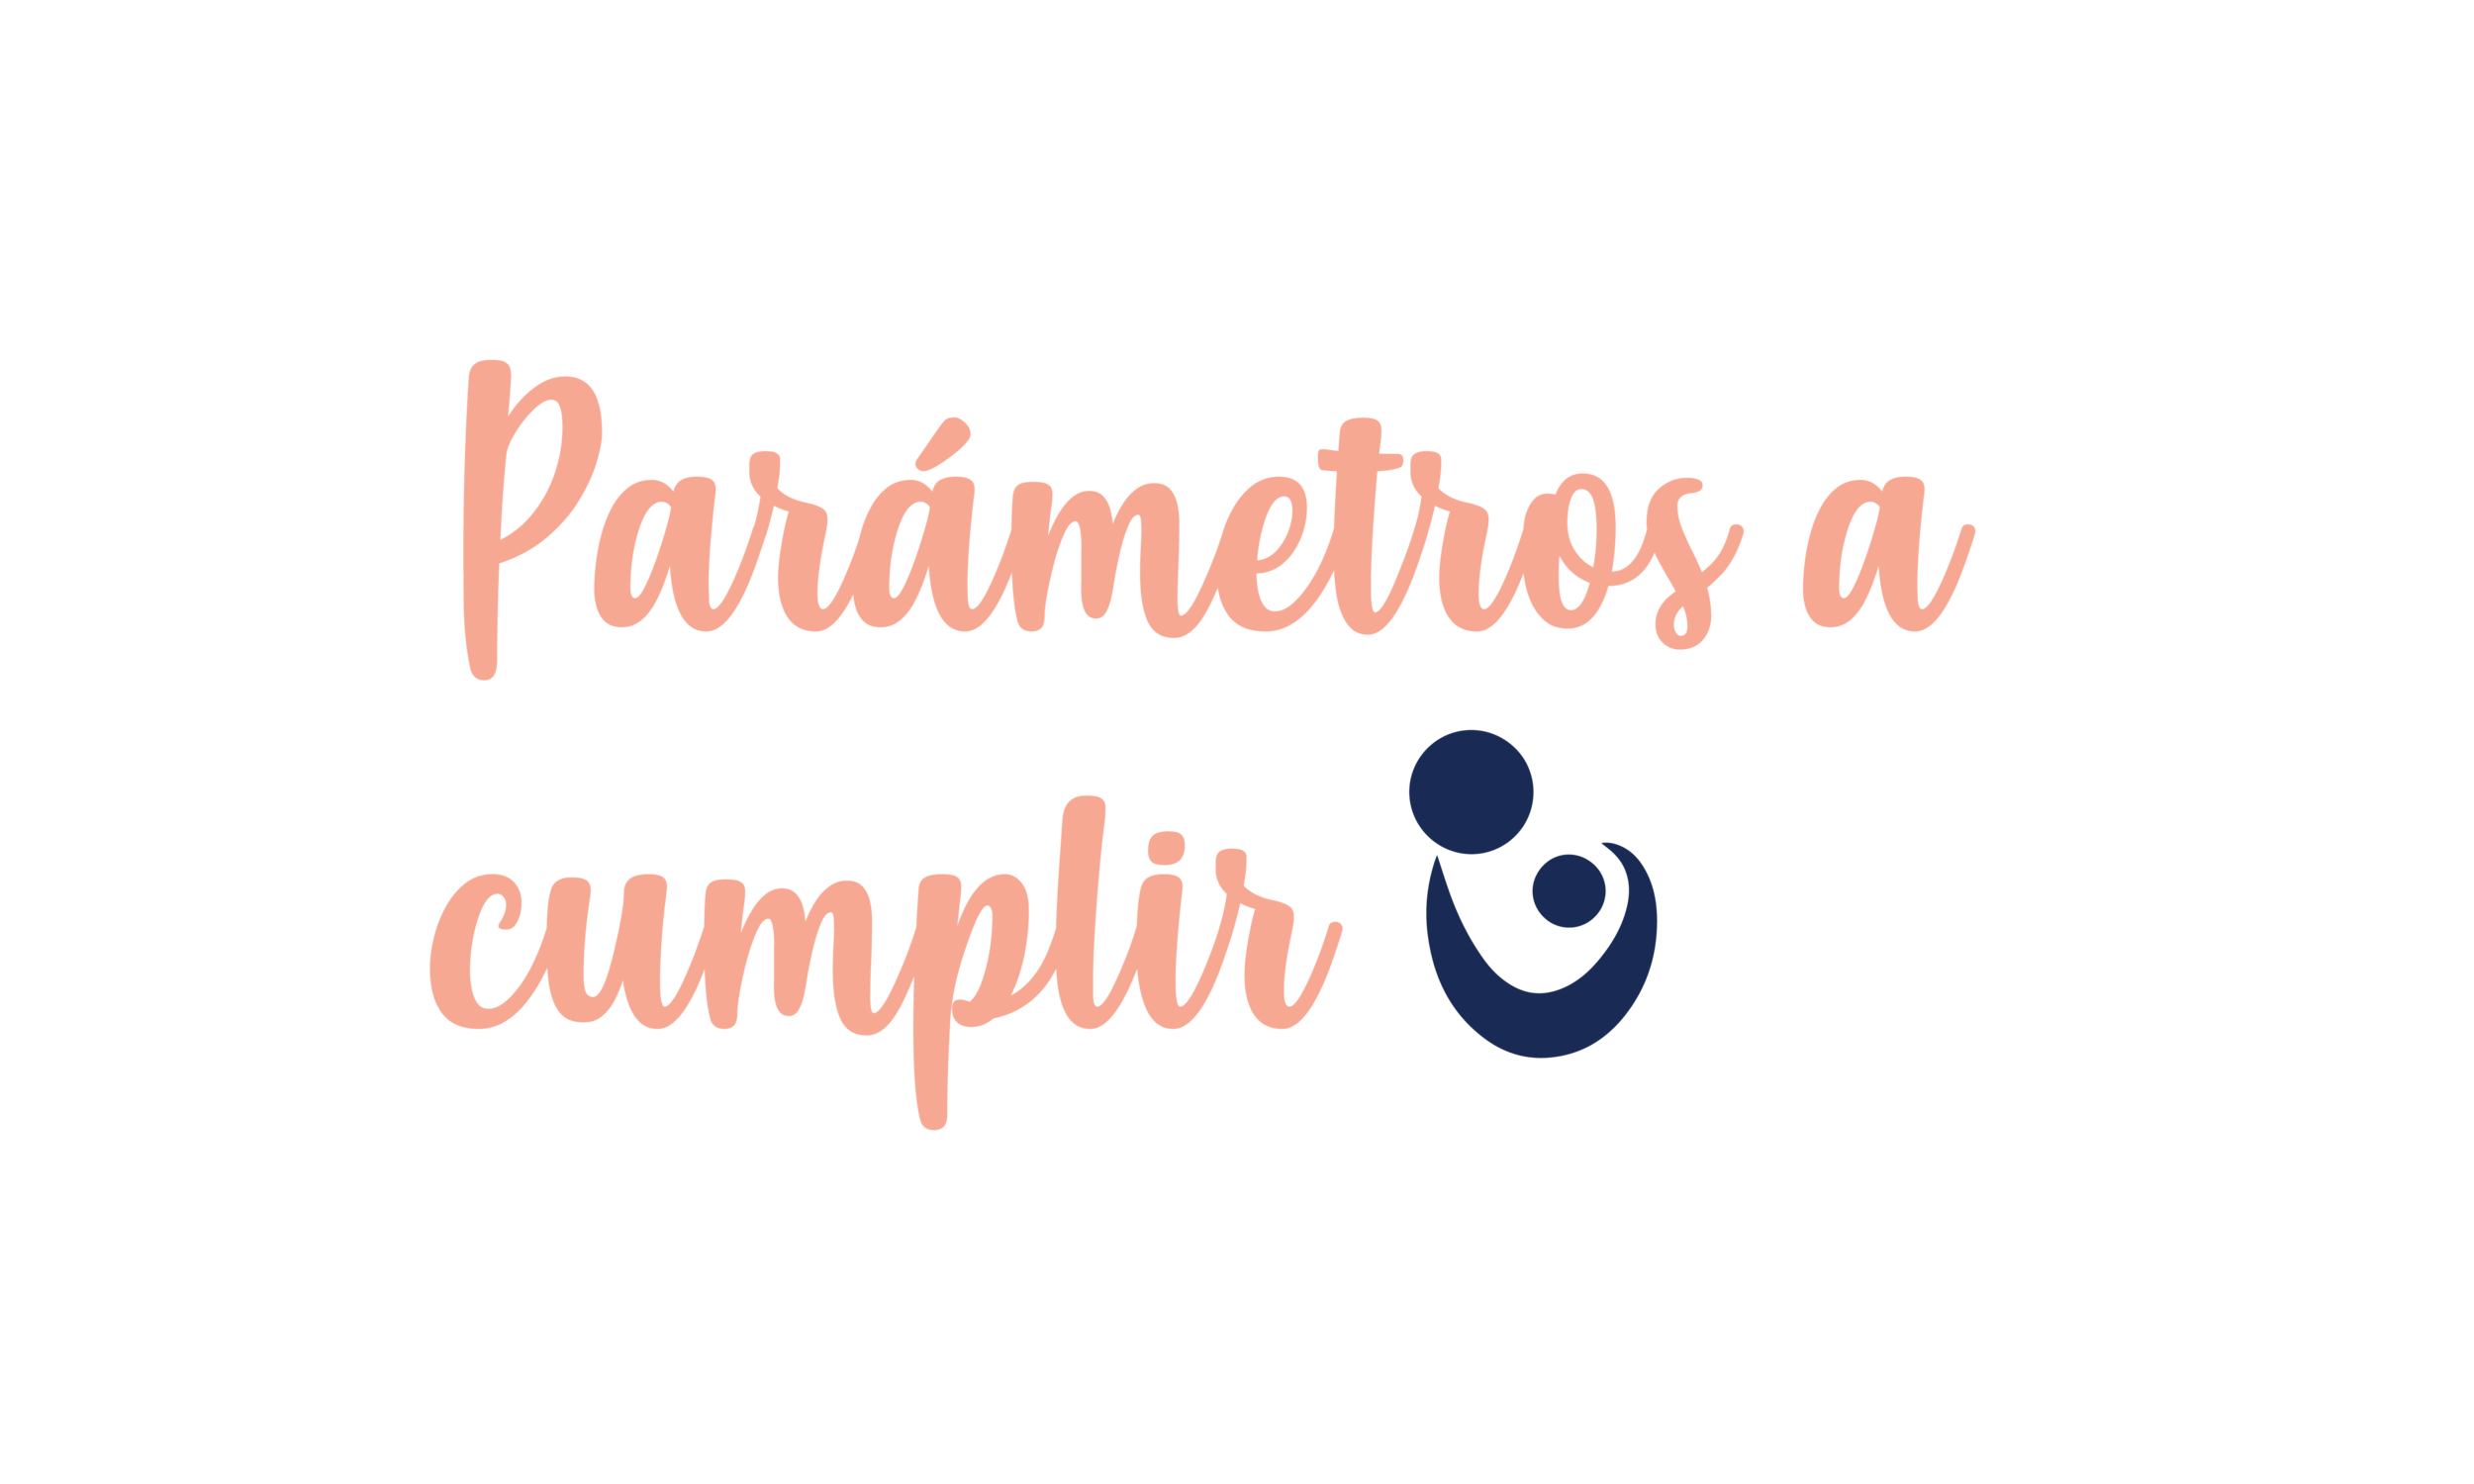 parámetros de lactarios-03.png